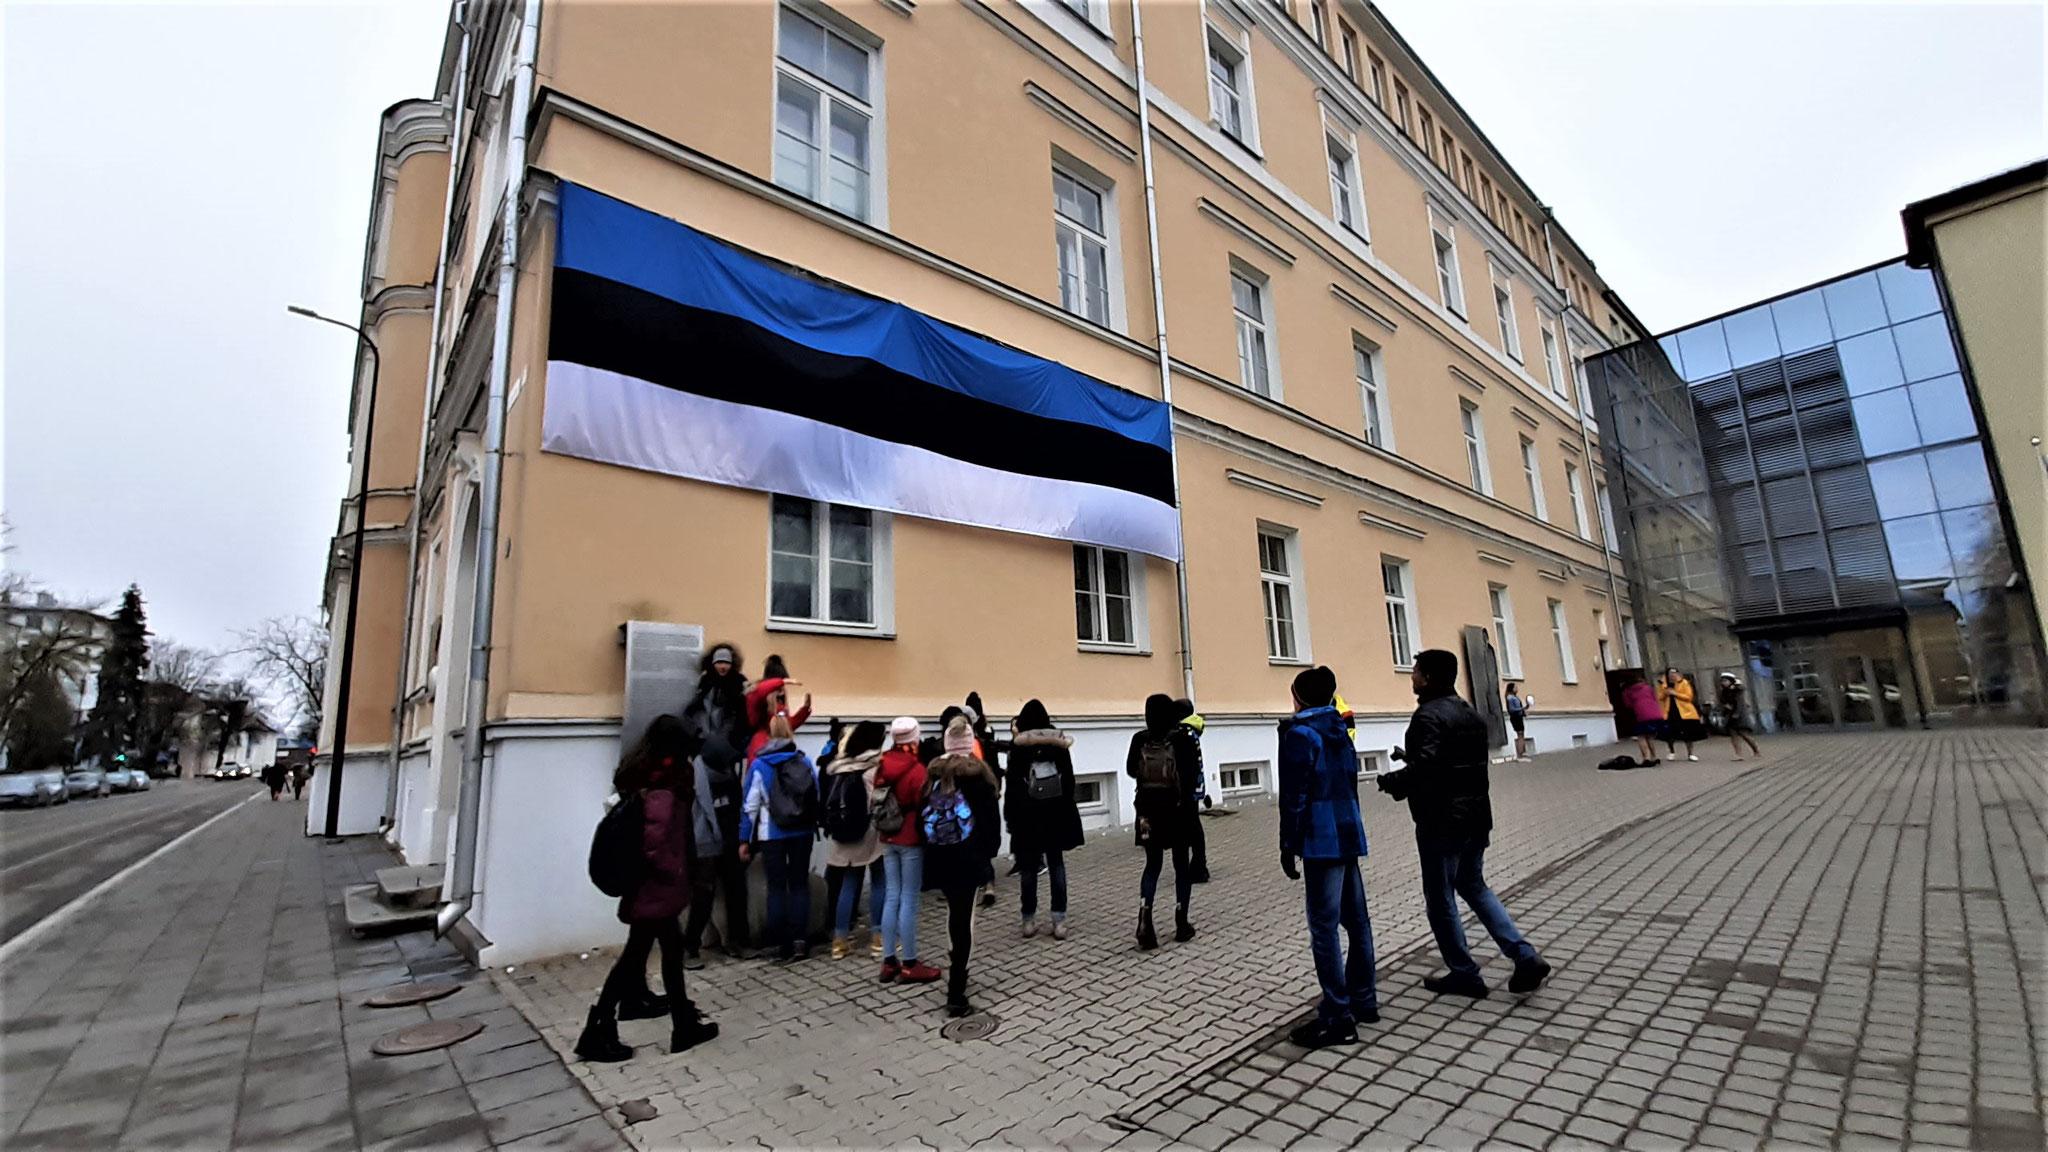 Die Flagge kann nicht groß genug sein bei 100 Jahren vertraglich unterzeichnetem Frieden.